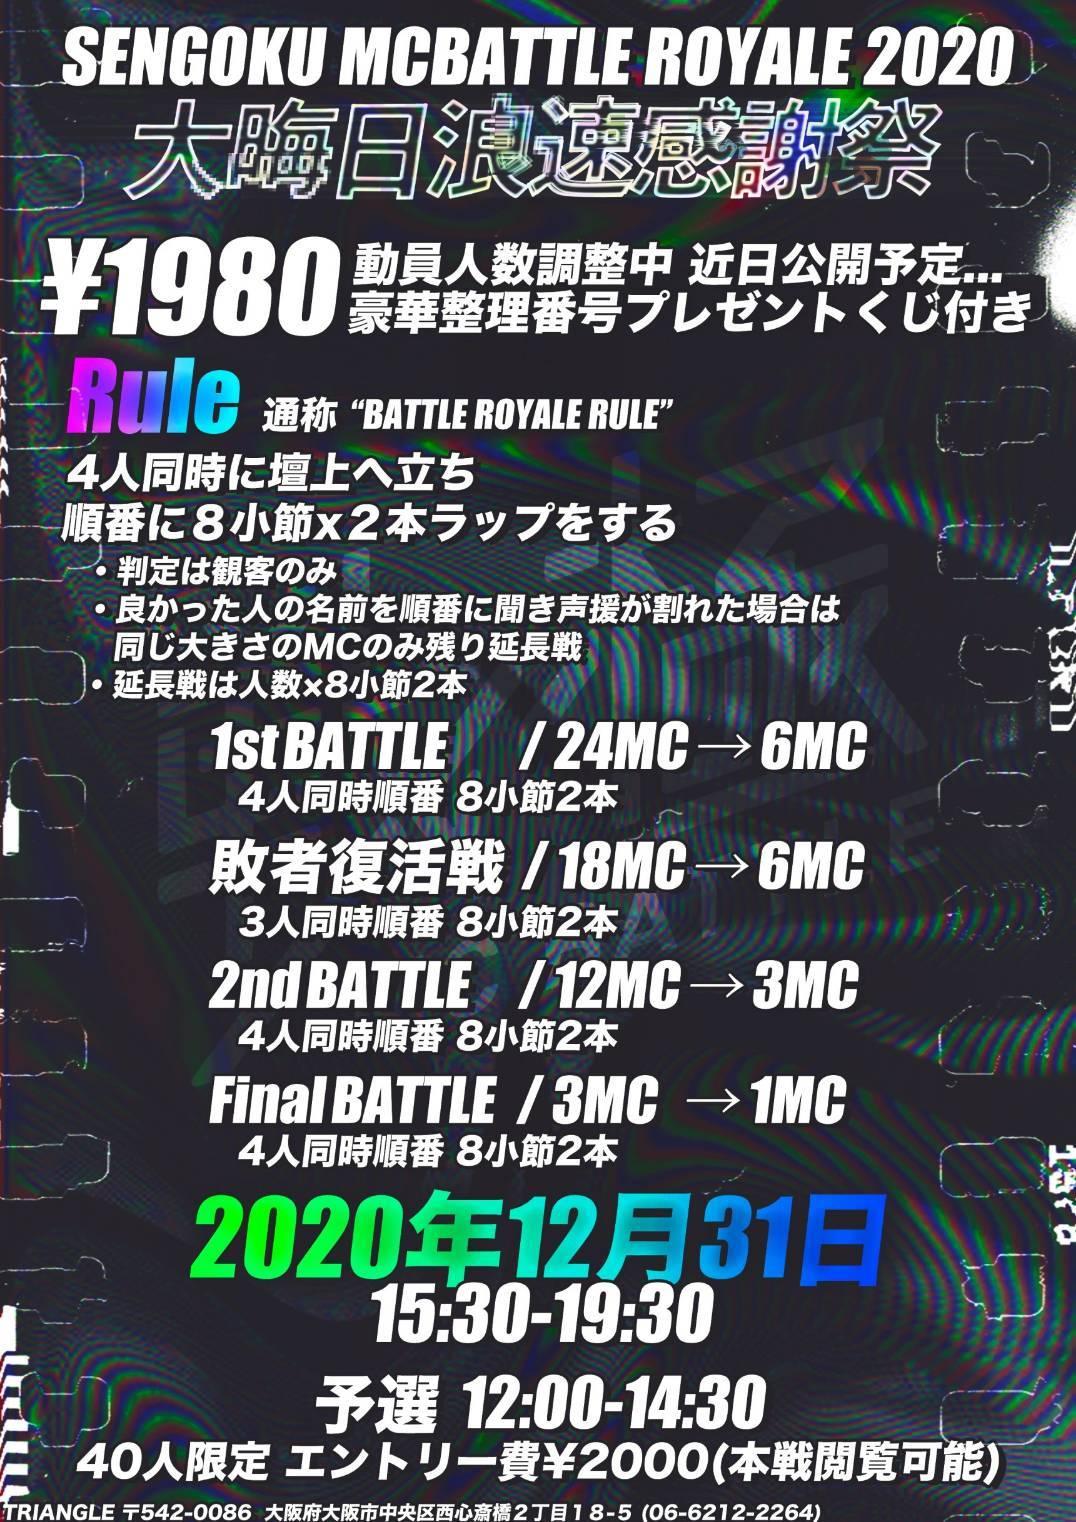 12/31 戦極 MCBATTLE ROYAL 2020 開催決定! 出演者全て公開 チケット販売中!_e0246863_21351173.jpg